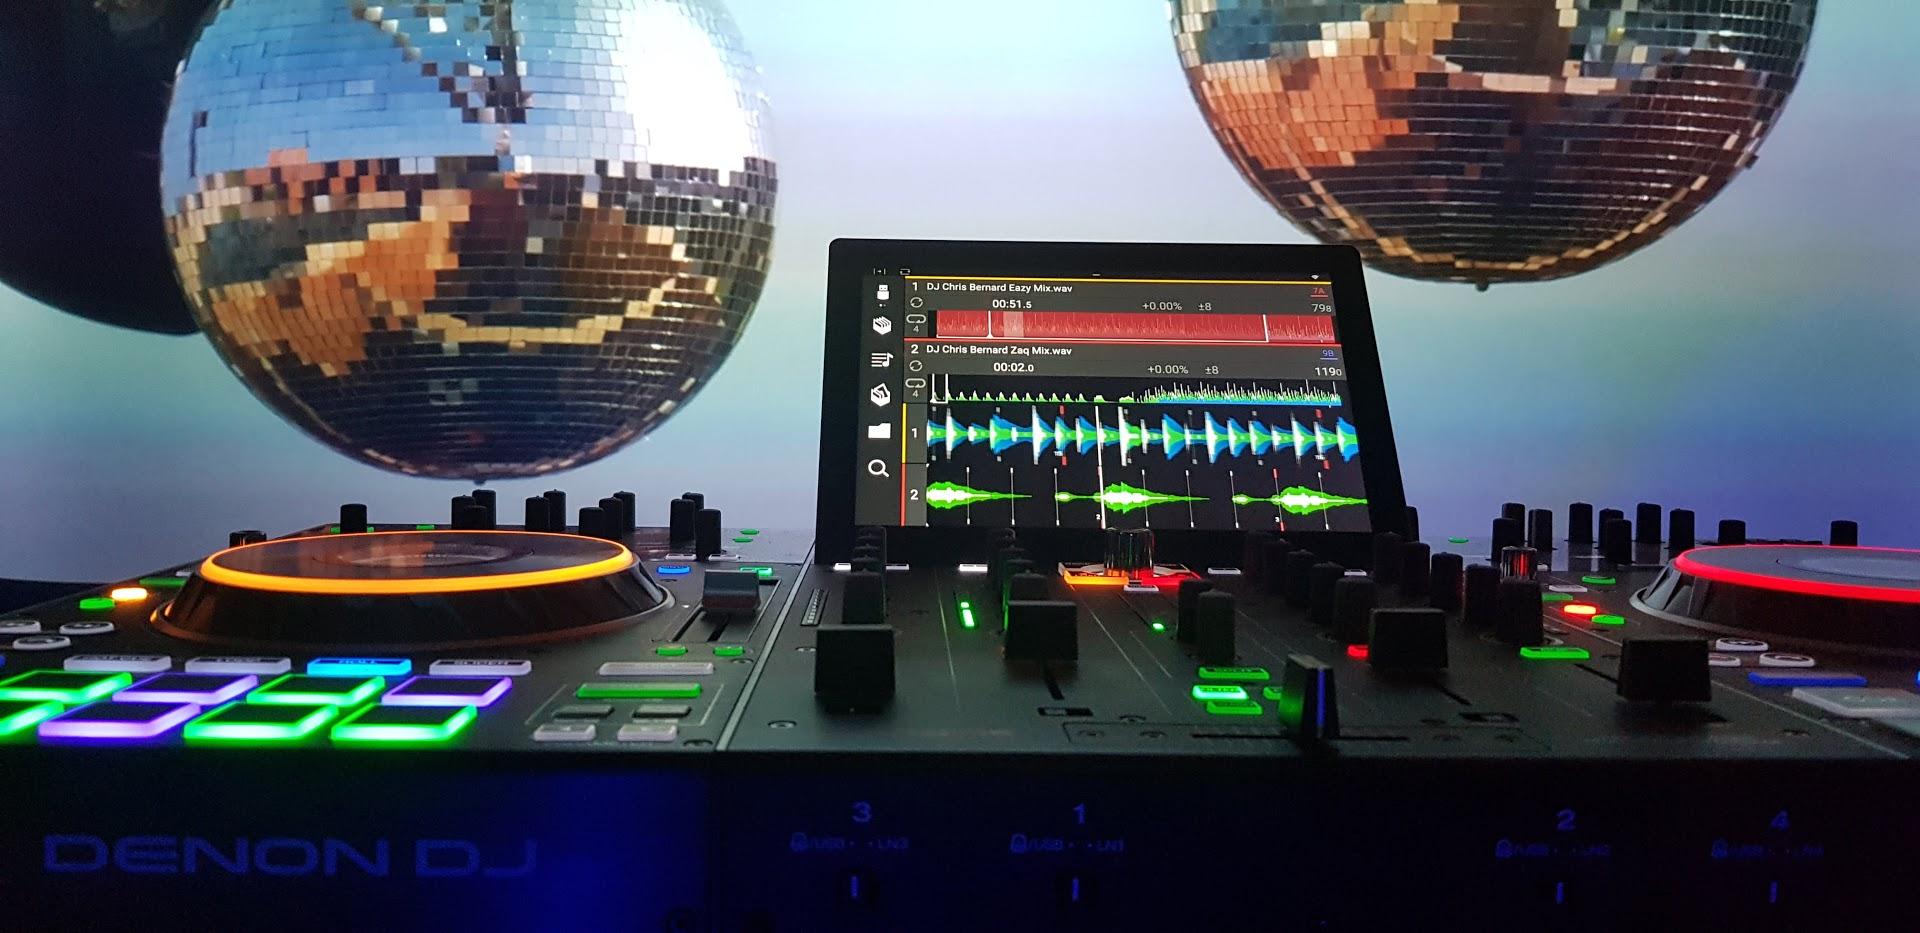 Mein großer Stolz ist die 2020 auf dem Markt platzierte Denon Prime 4 DJ Console - unübertreffliche Performance beim DJing.